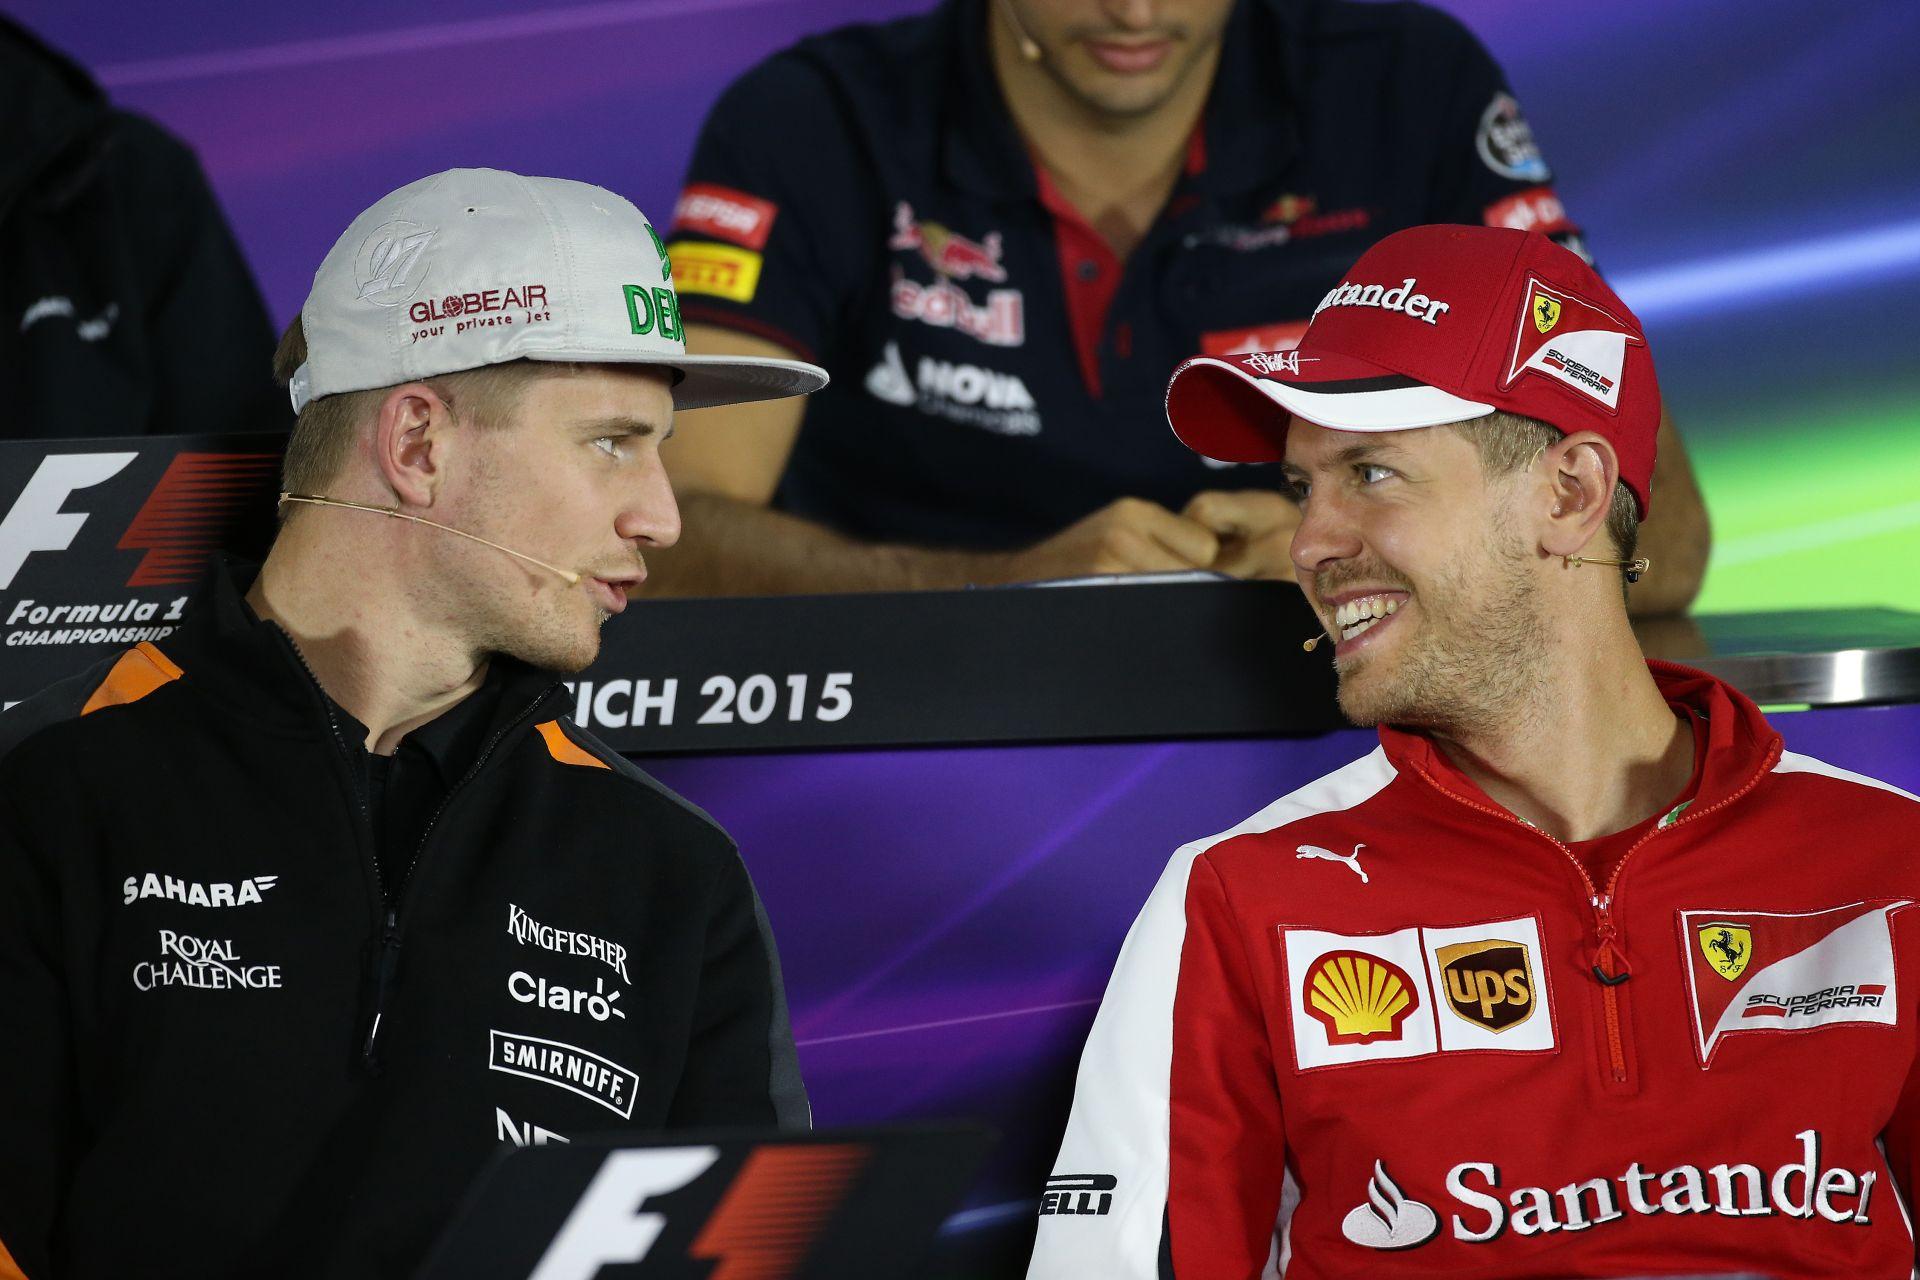 Hülkenberg továbbra is opció a Ferrarinál Raikkönen helyére